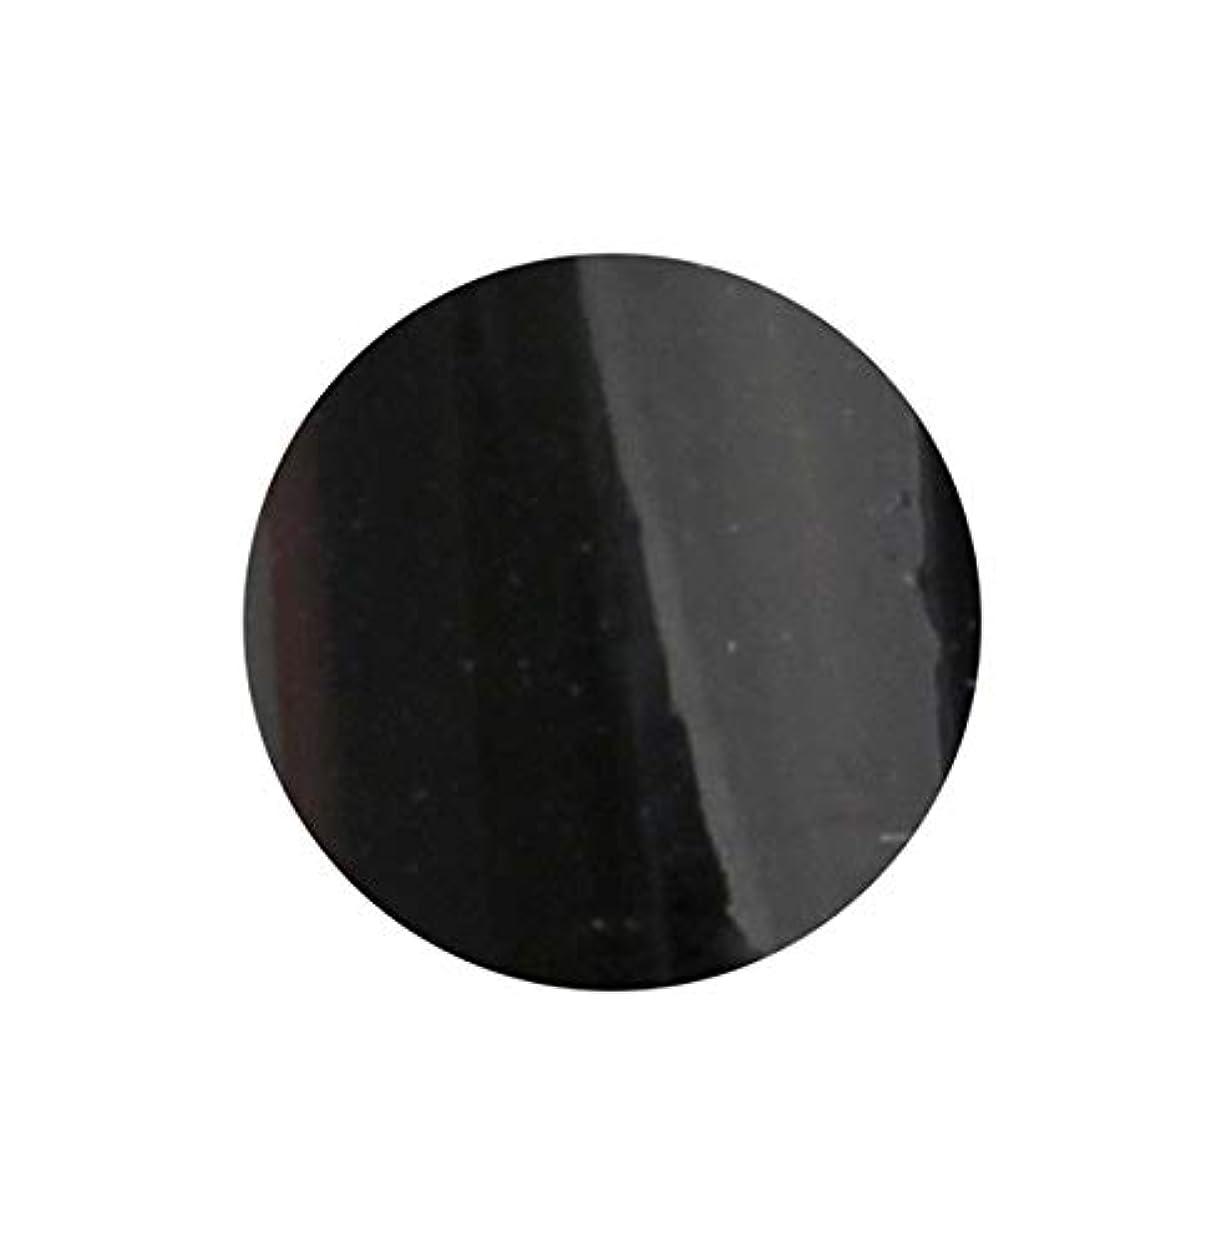 六月ダウンタウン差別化するSHAREYDVA シャレドワ+ ネイルカラー No.33 ブラック